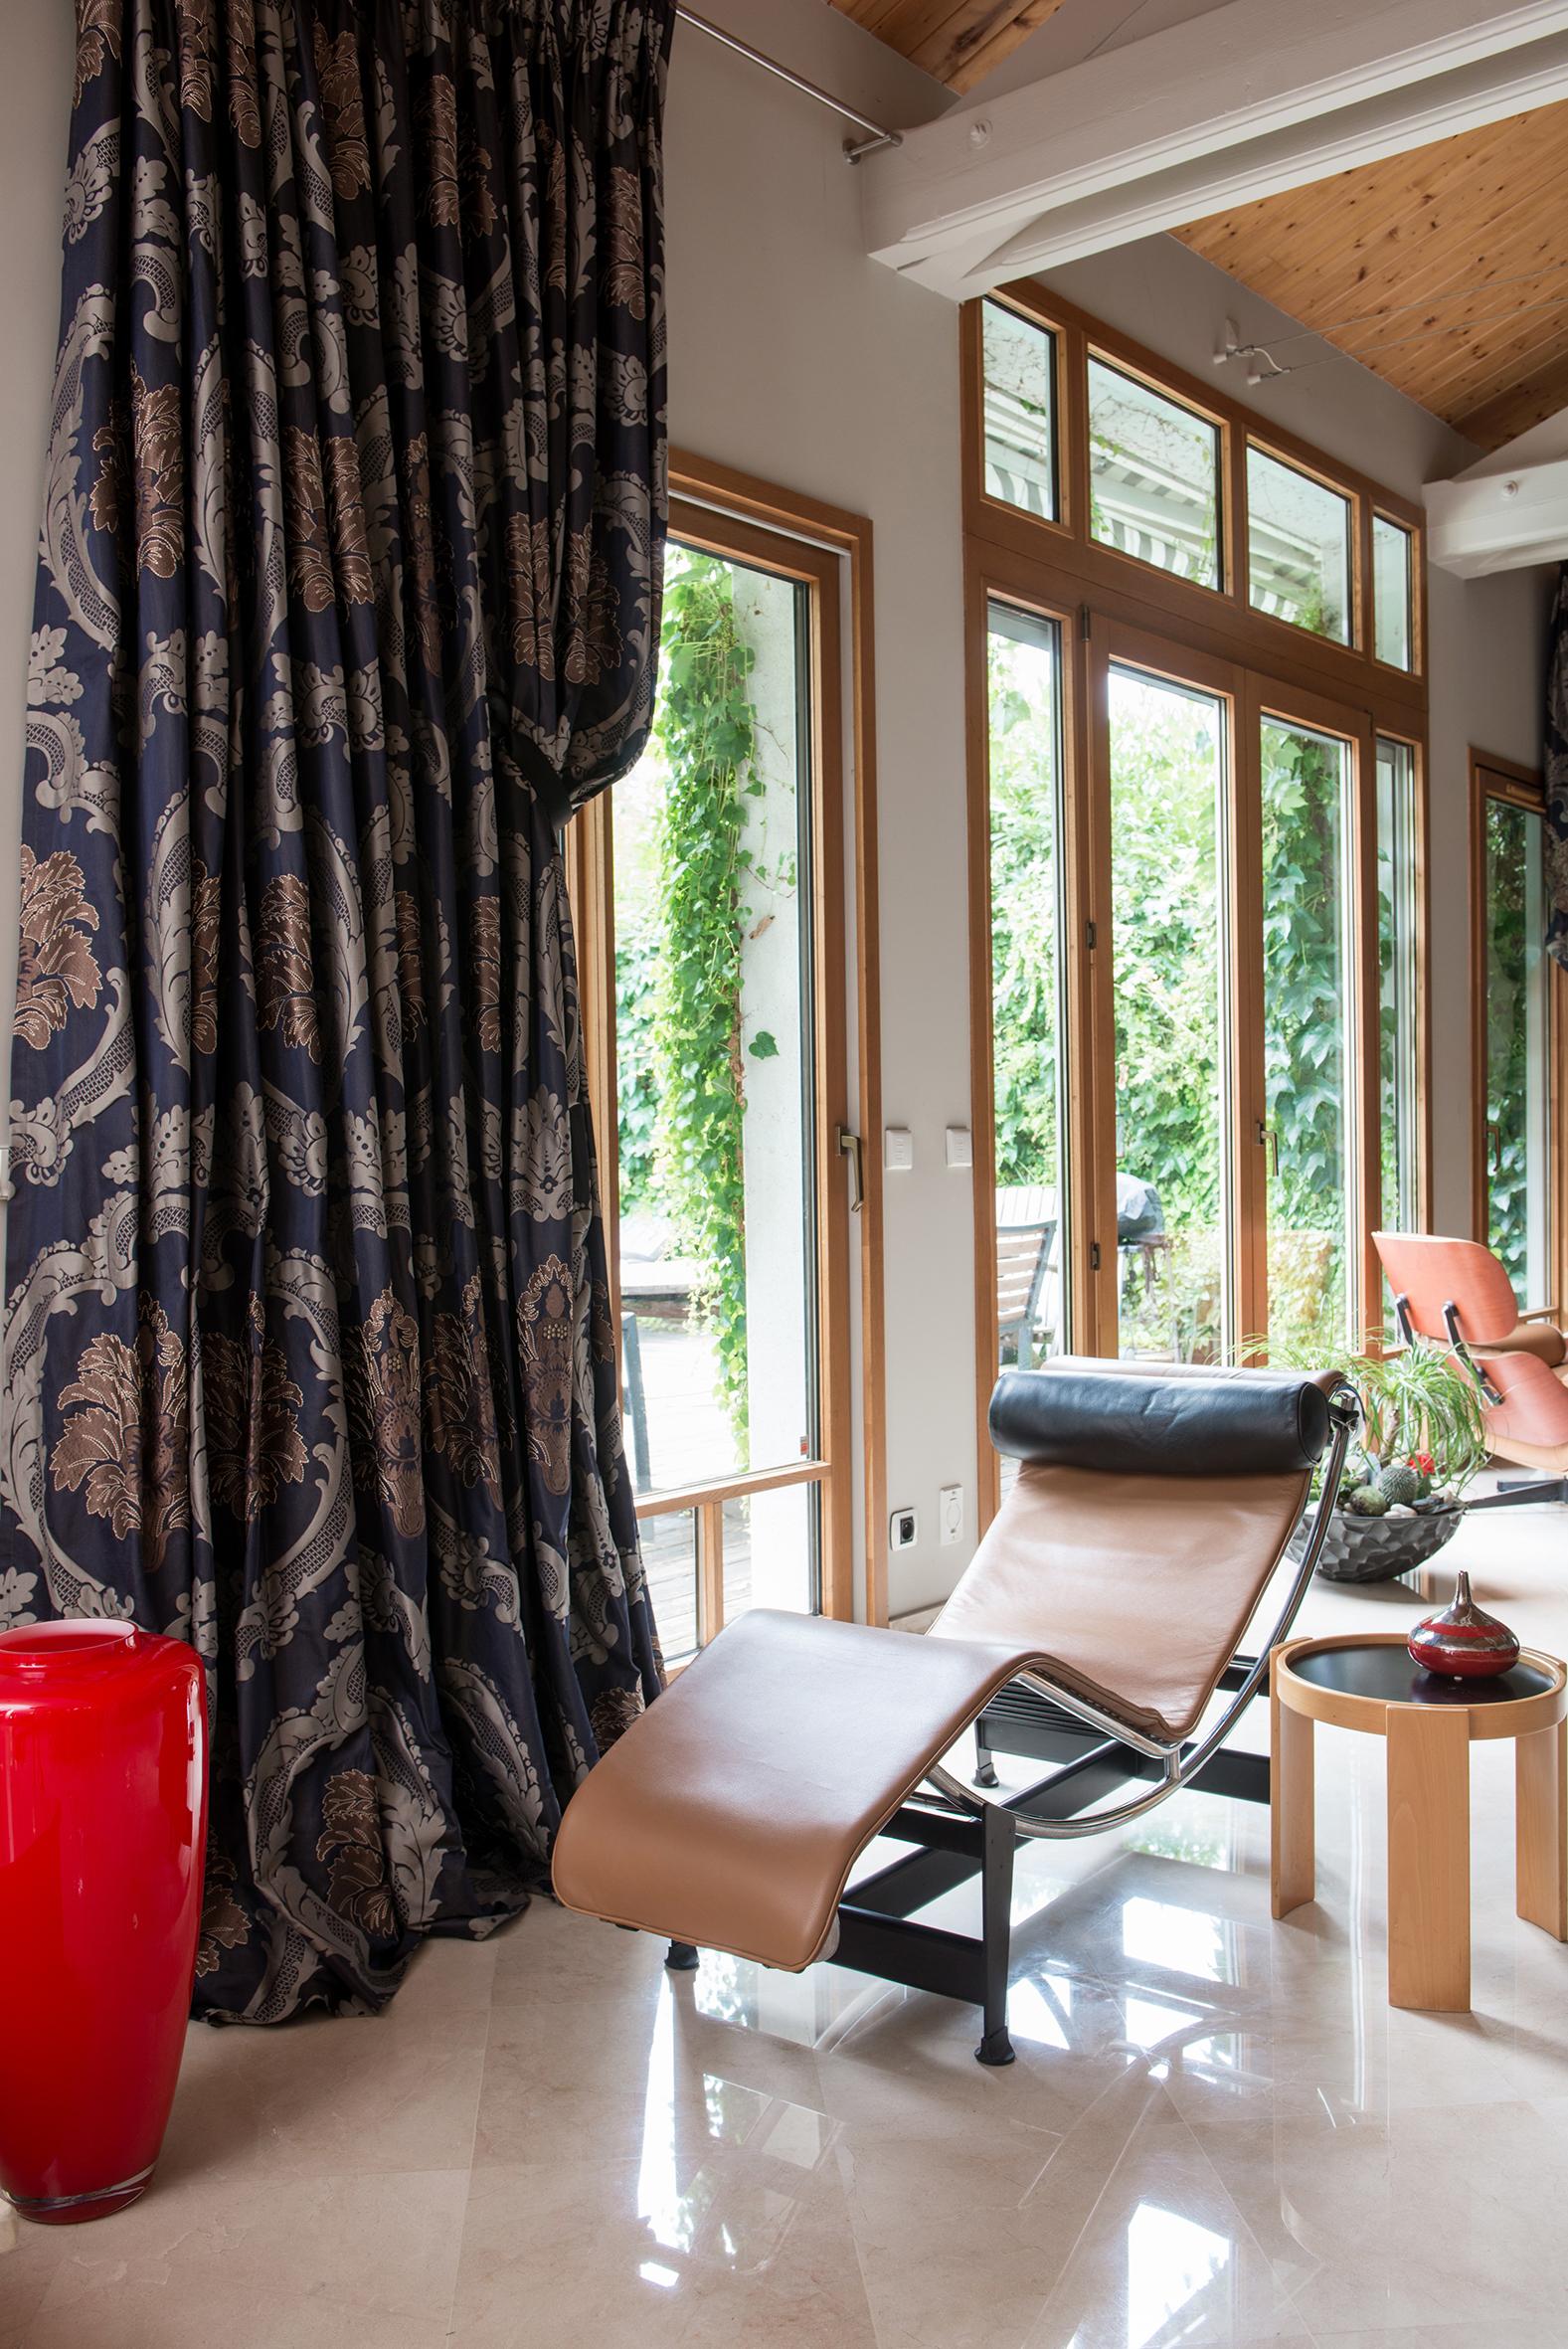 Итальянский стиль в интерьере со шторами